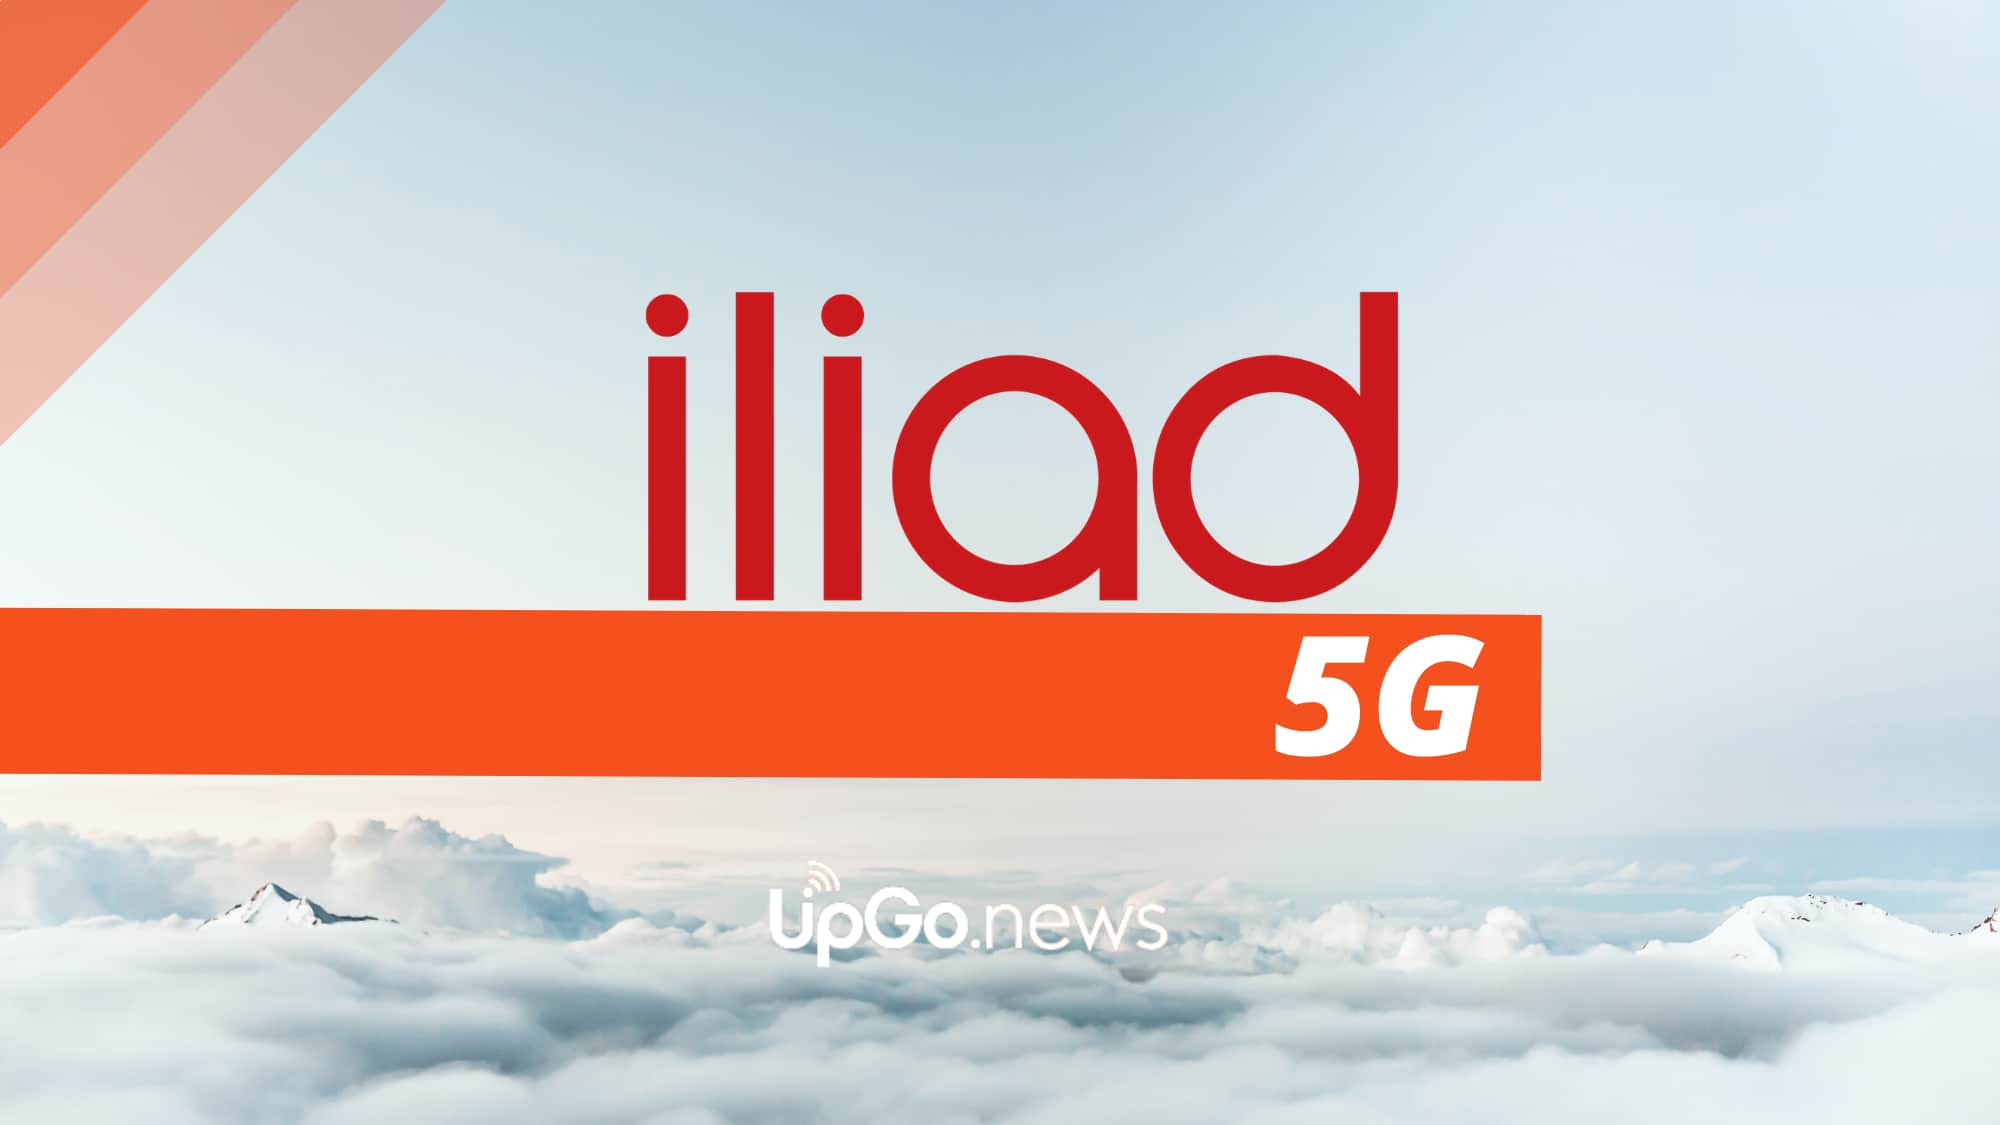 Iliad 5G